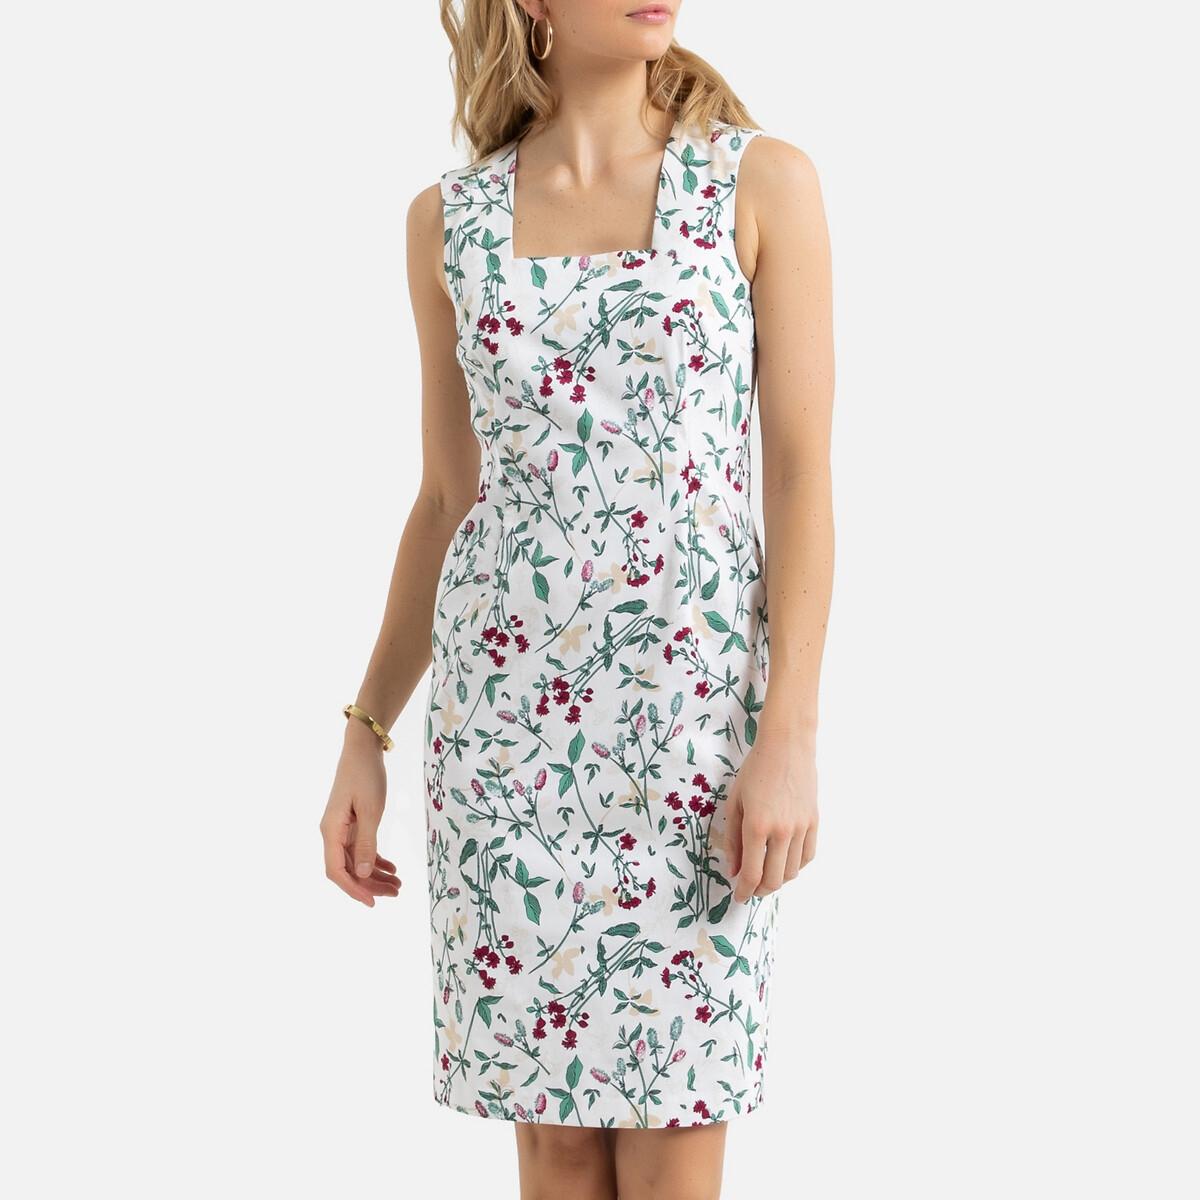 Платье La Redoute Прямое с цветочным принтом миди 44 (FR) - 50 (RUS) зеленый платье la redoute прямое с принтом до колен 48 fr 54 rus черный